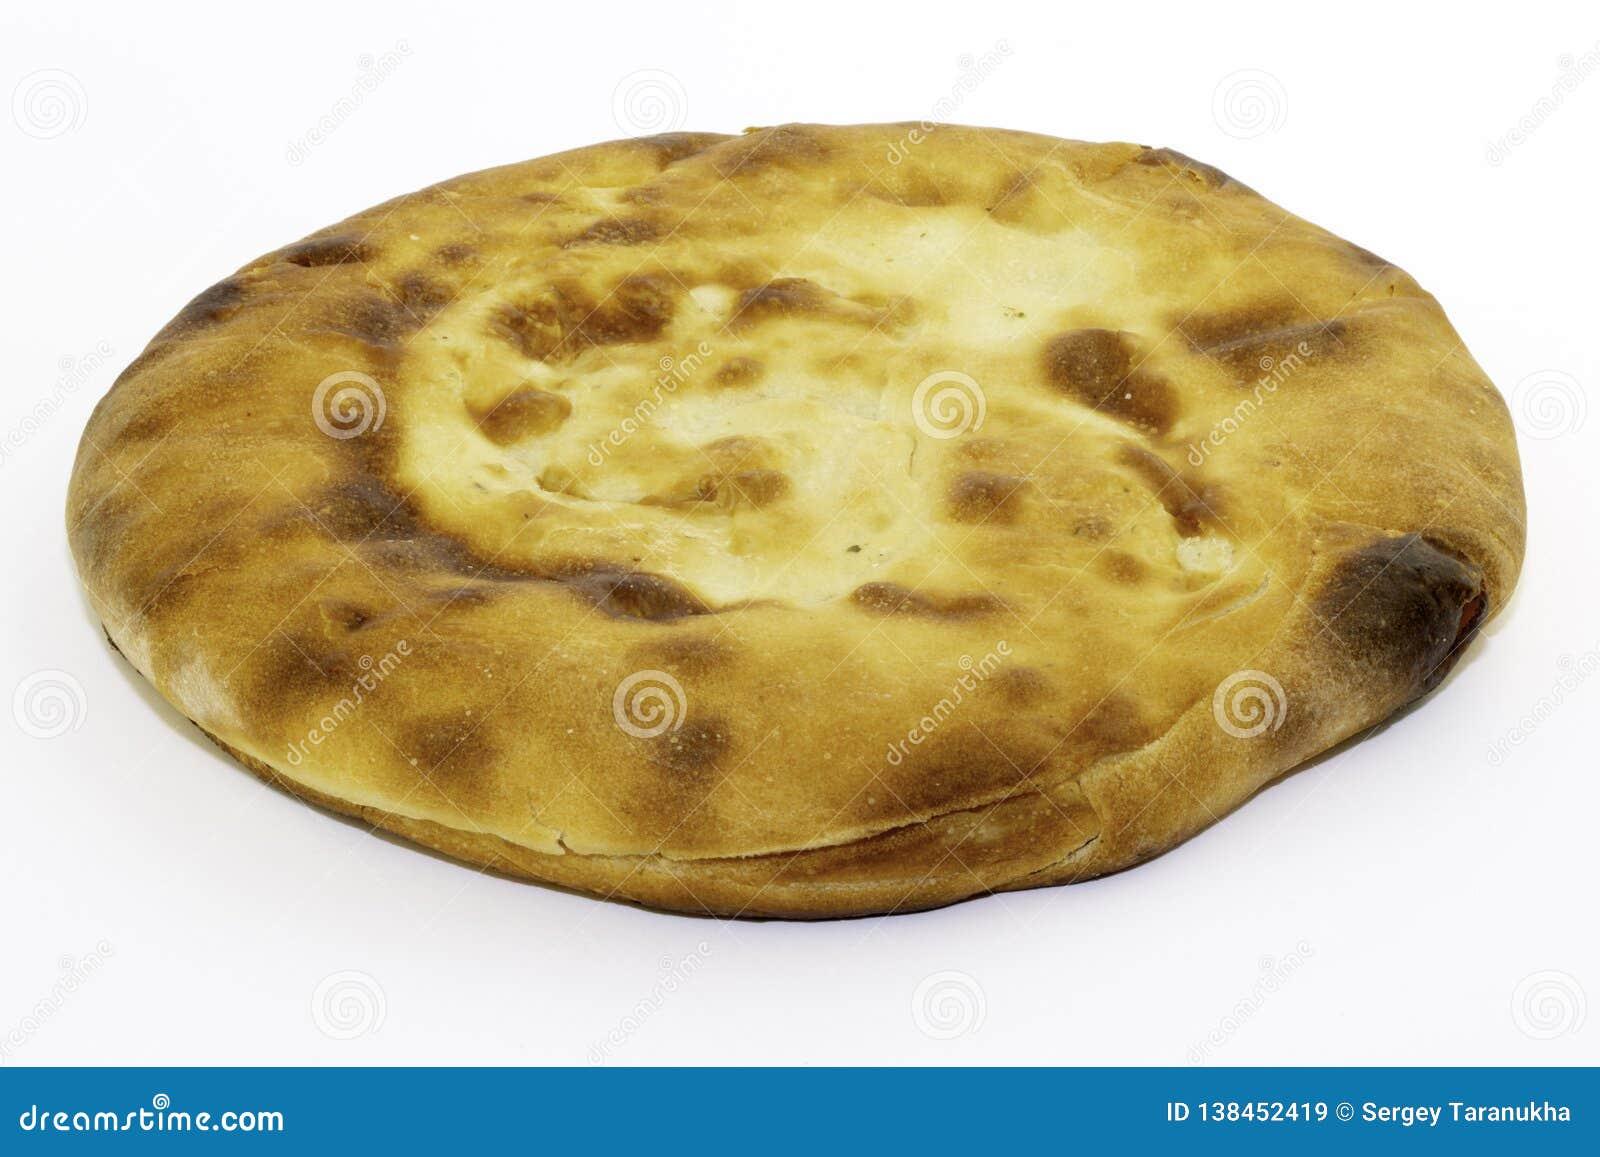 Pão branco ázimo caucasiano feito da farinha de trigo - pão do pão árabe